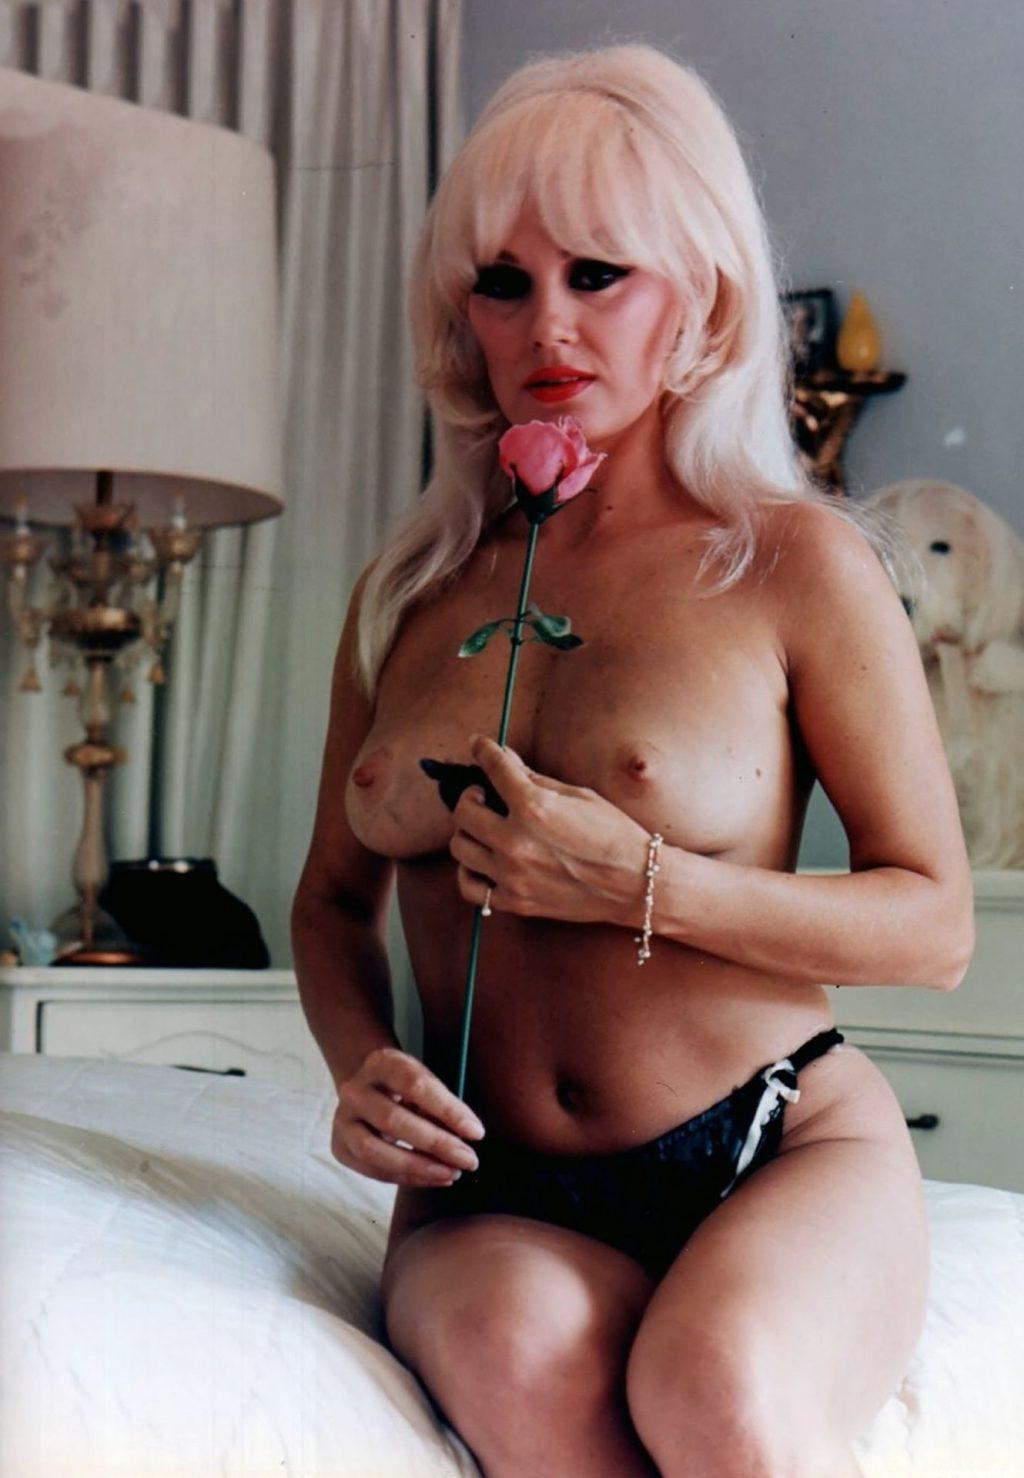 Mamie Van Doren Nude (12 Photos)